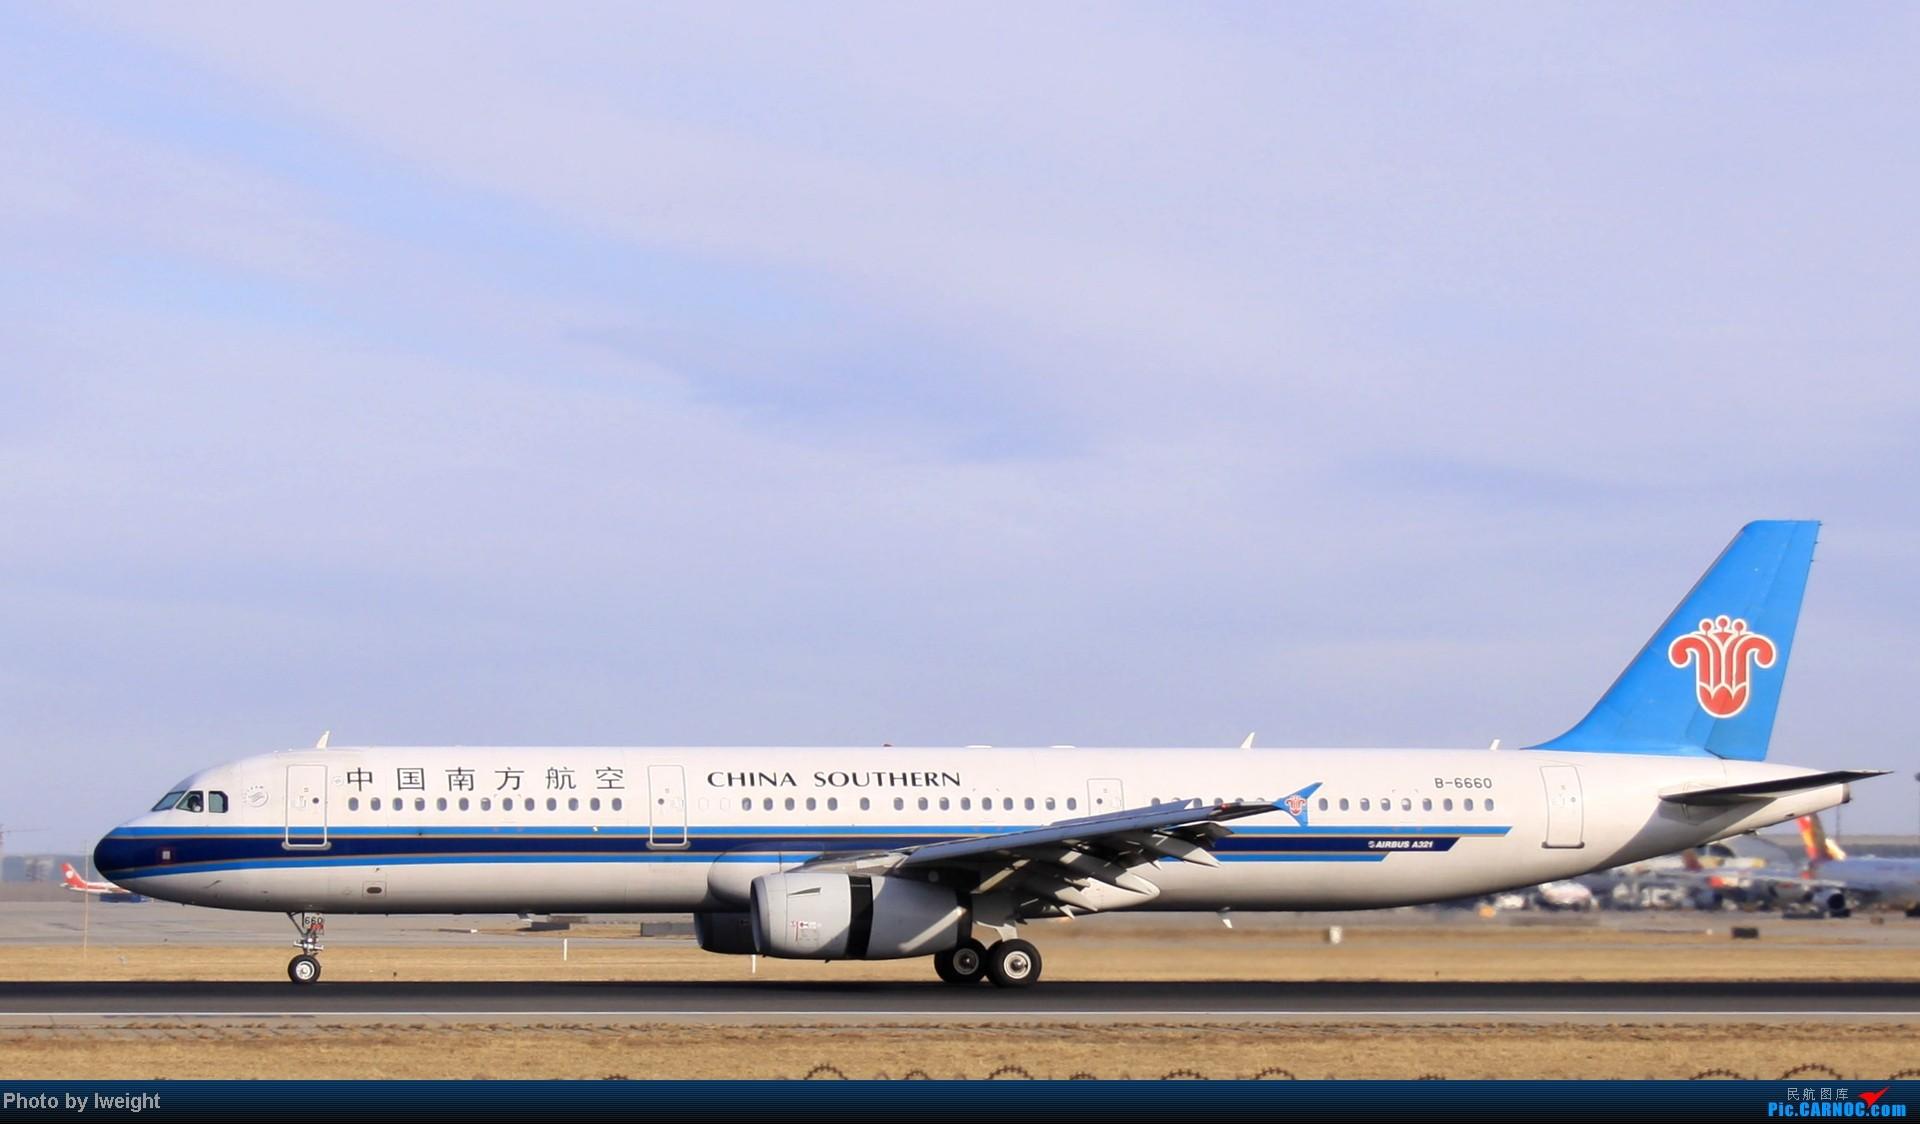 Re:[原创]今天下午瞎拍两个小时的杂图 AIRBUS A321-200 B-6660 中国北京首都机场